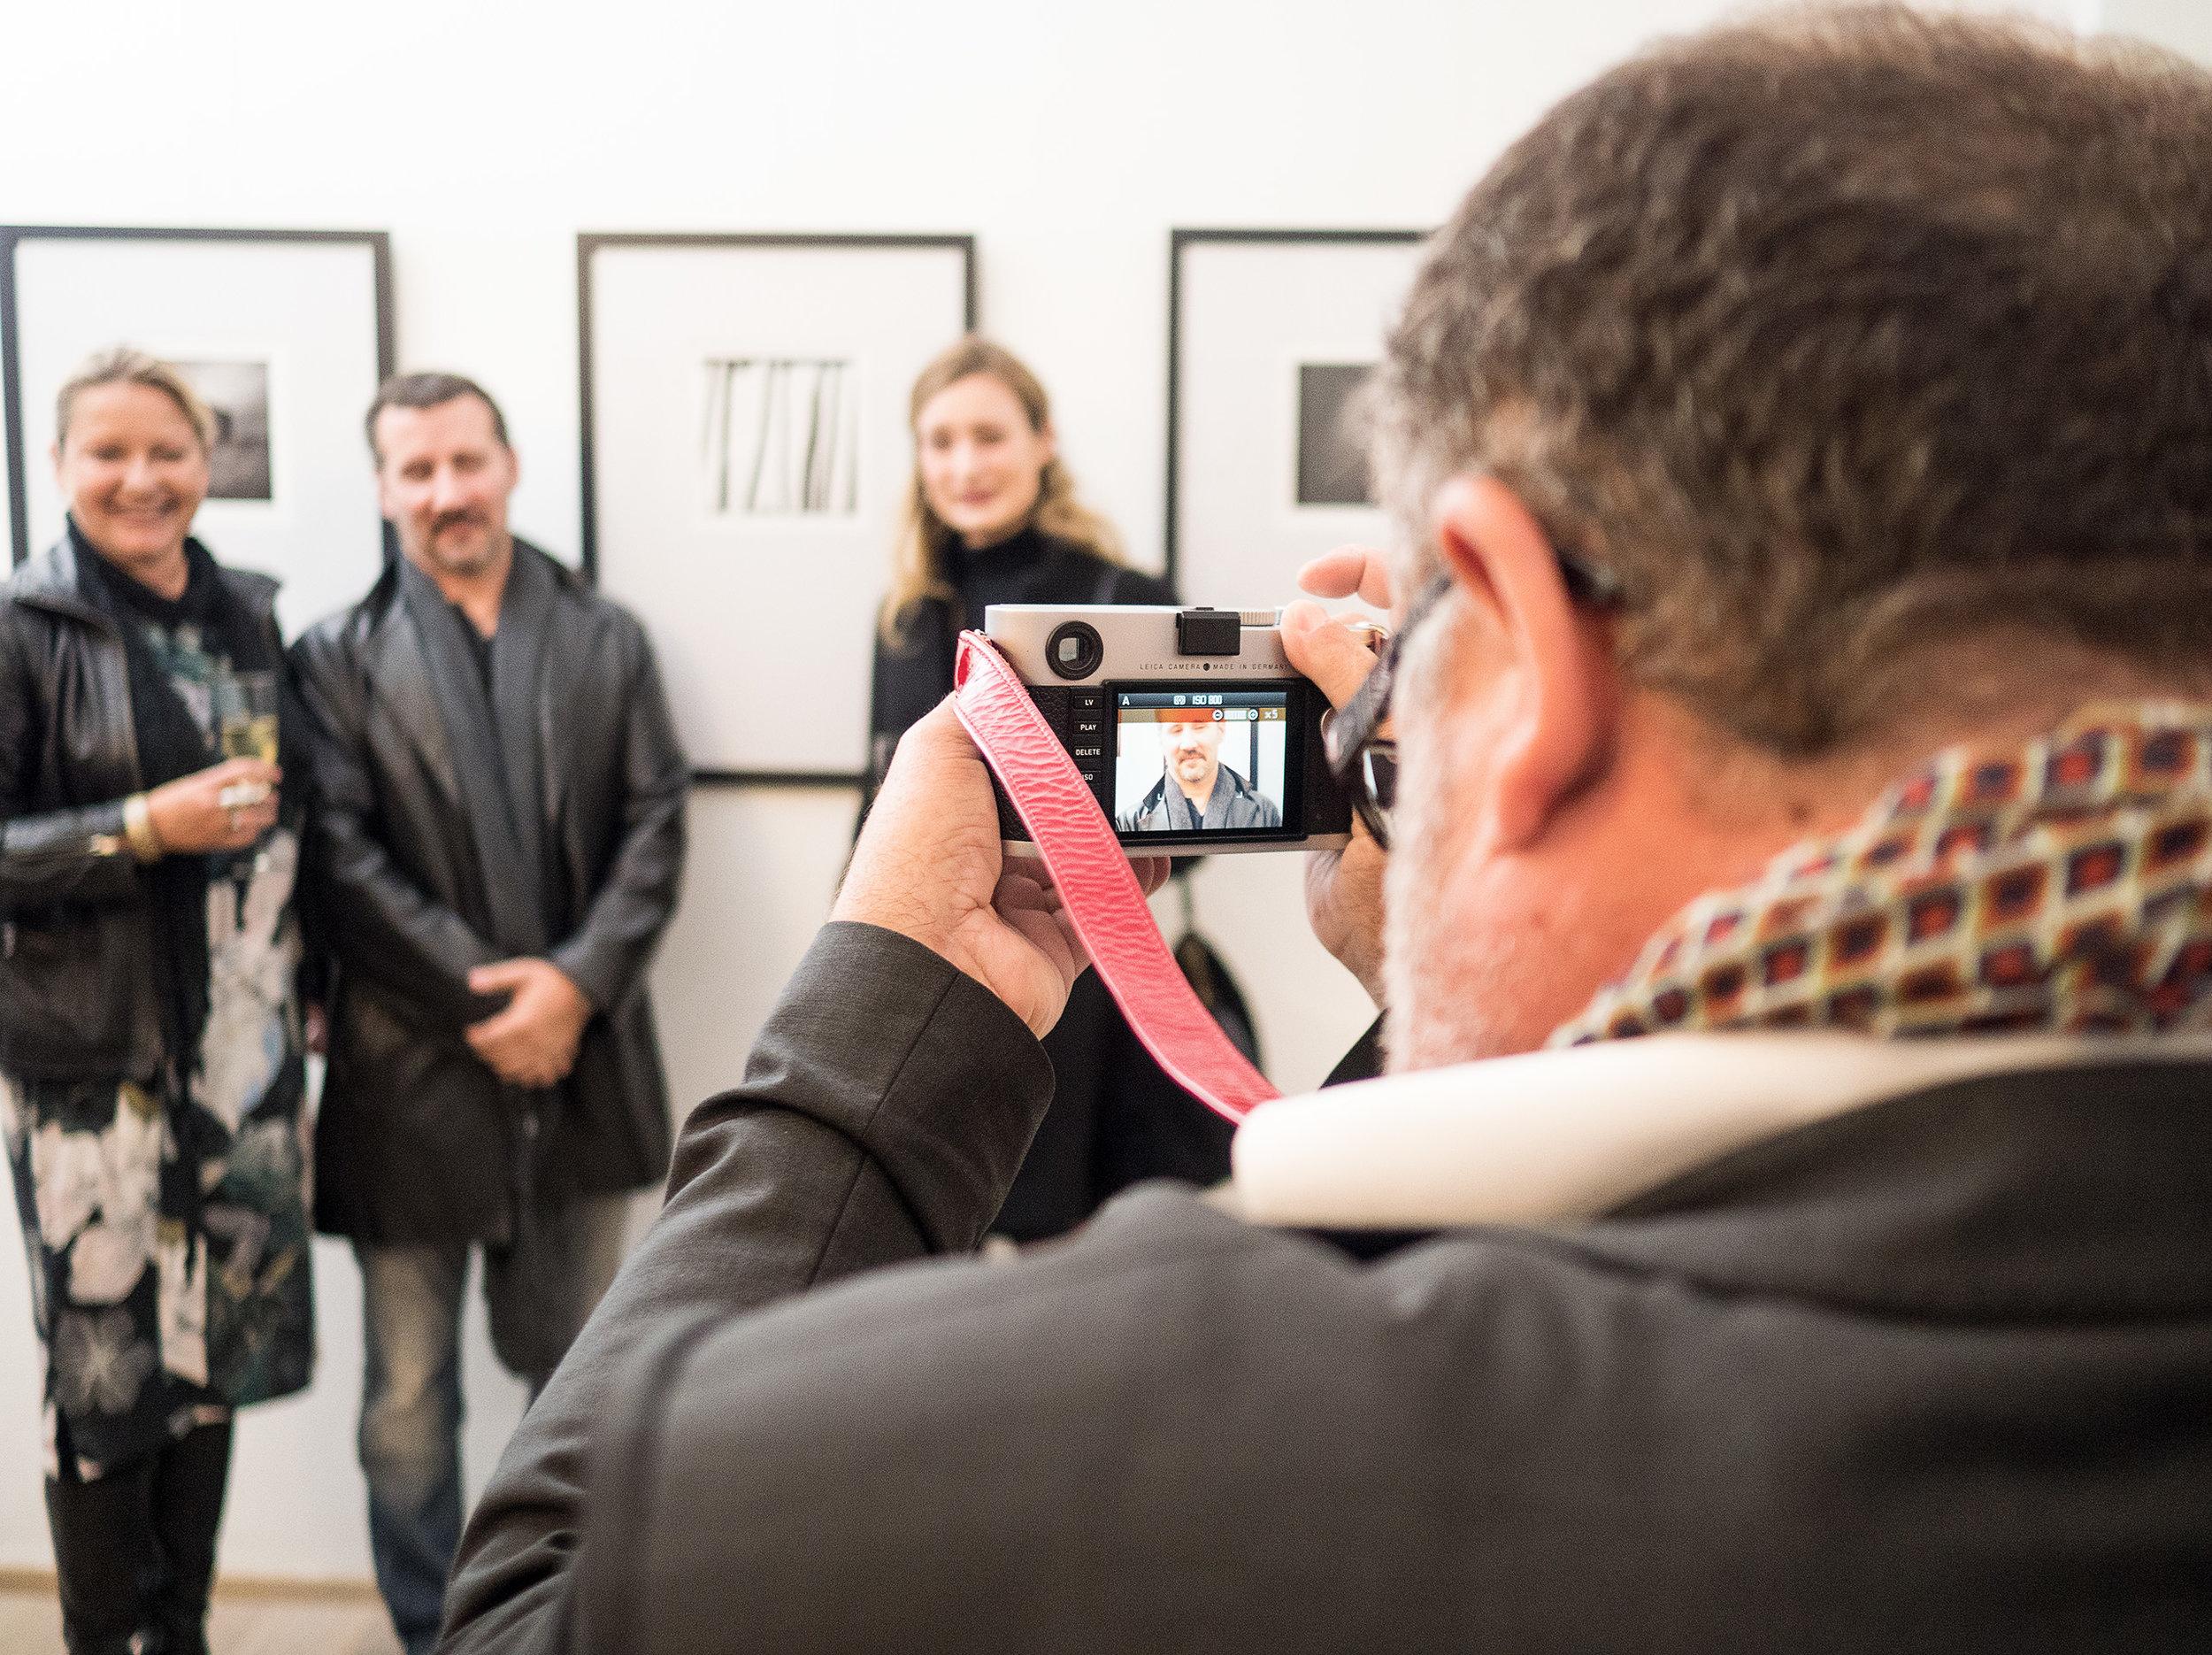 Galerie_LIK_deAngelis016.jpg